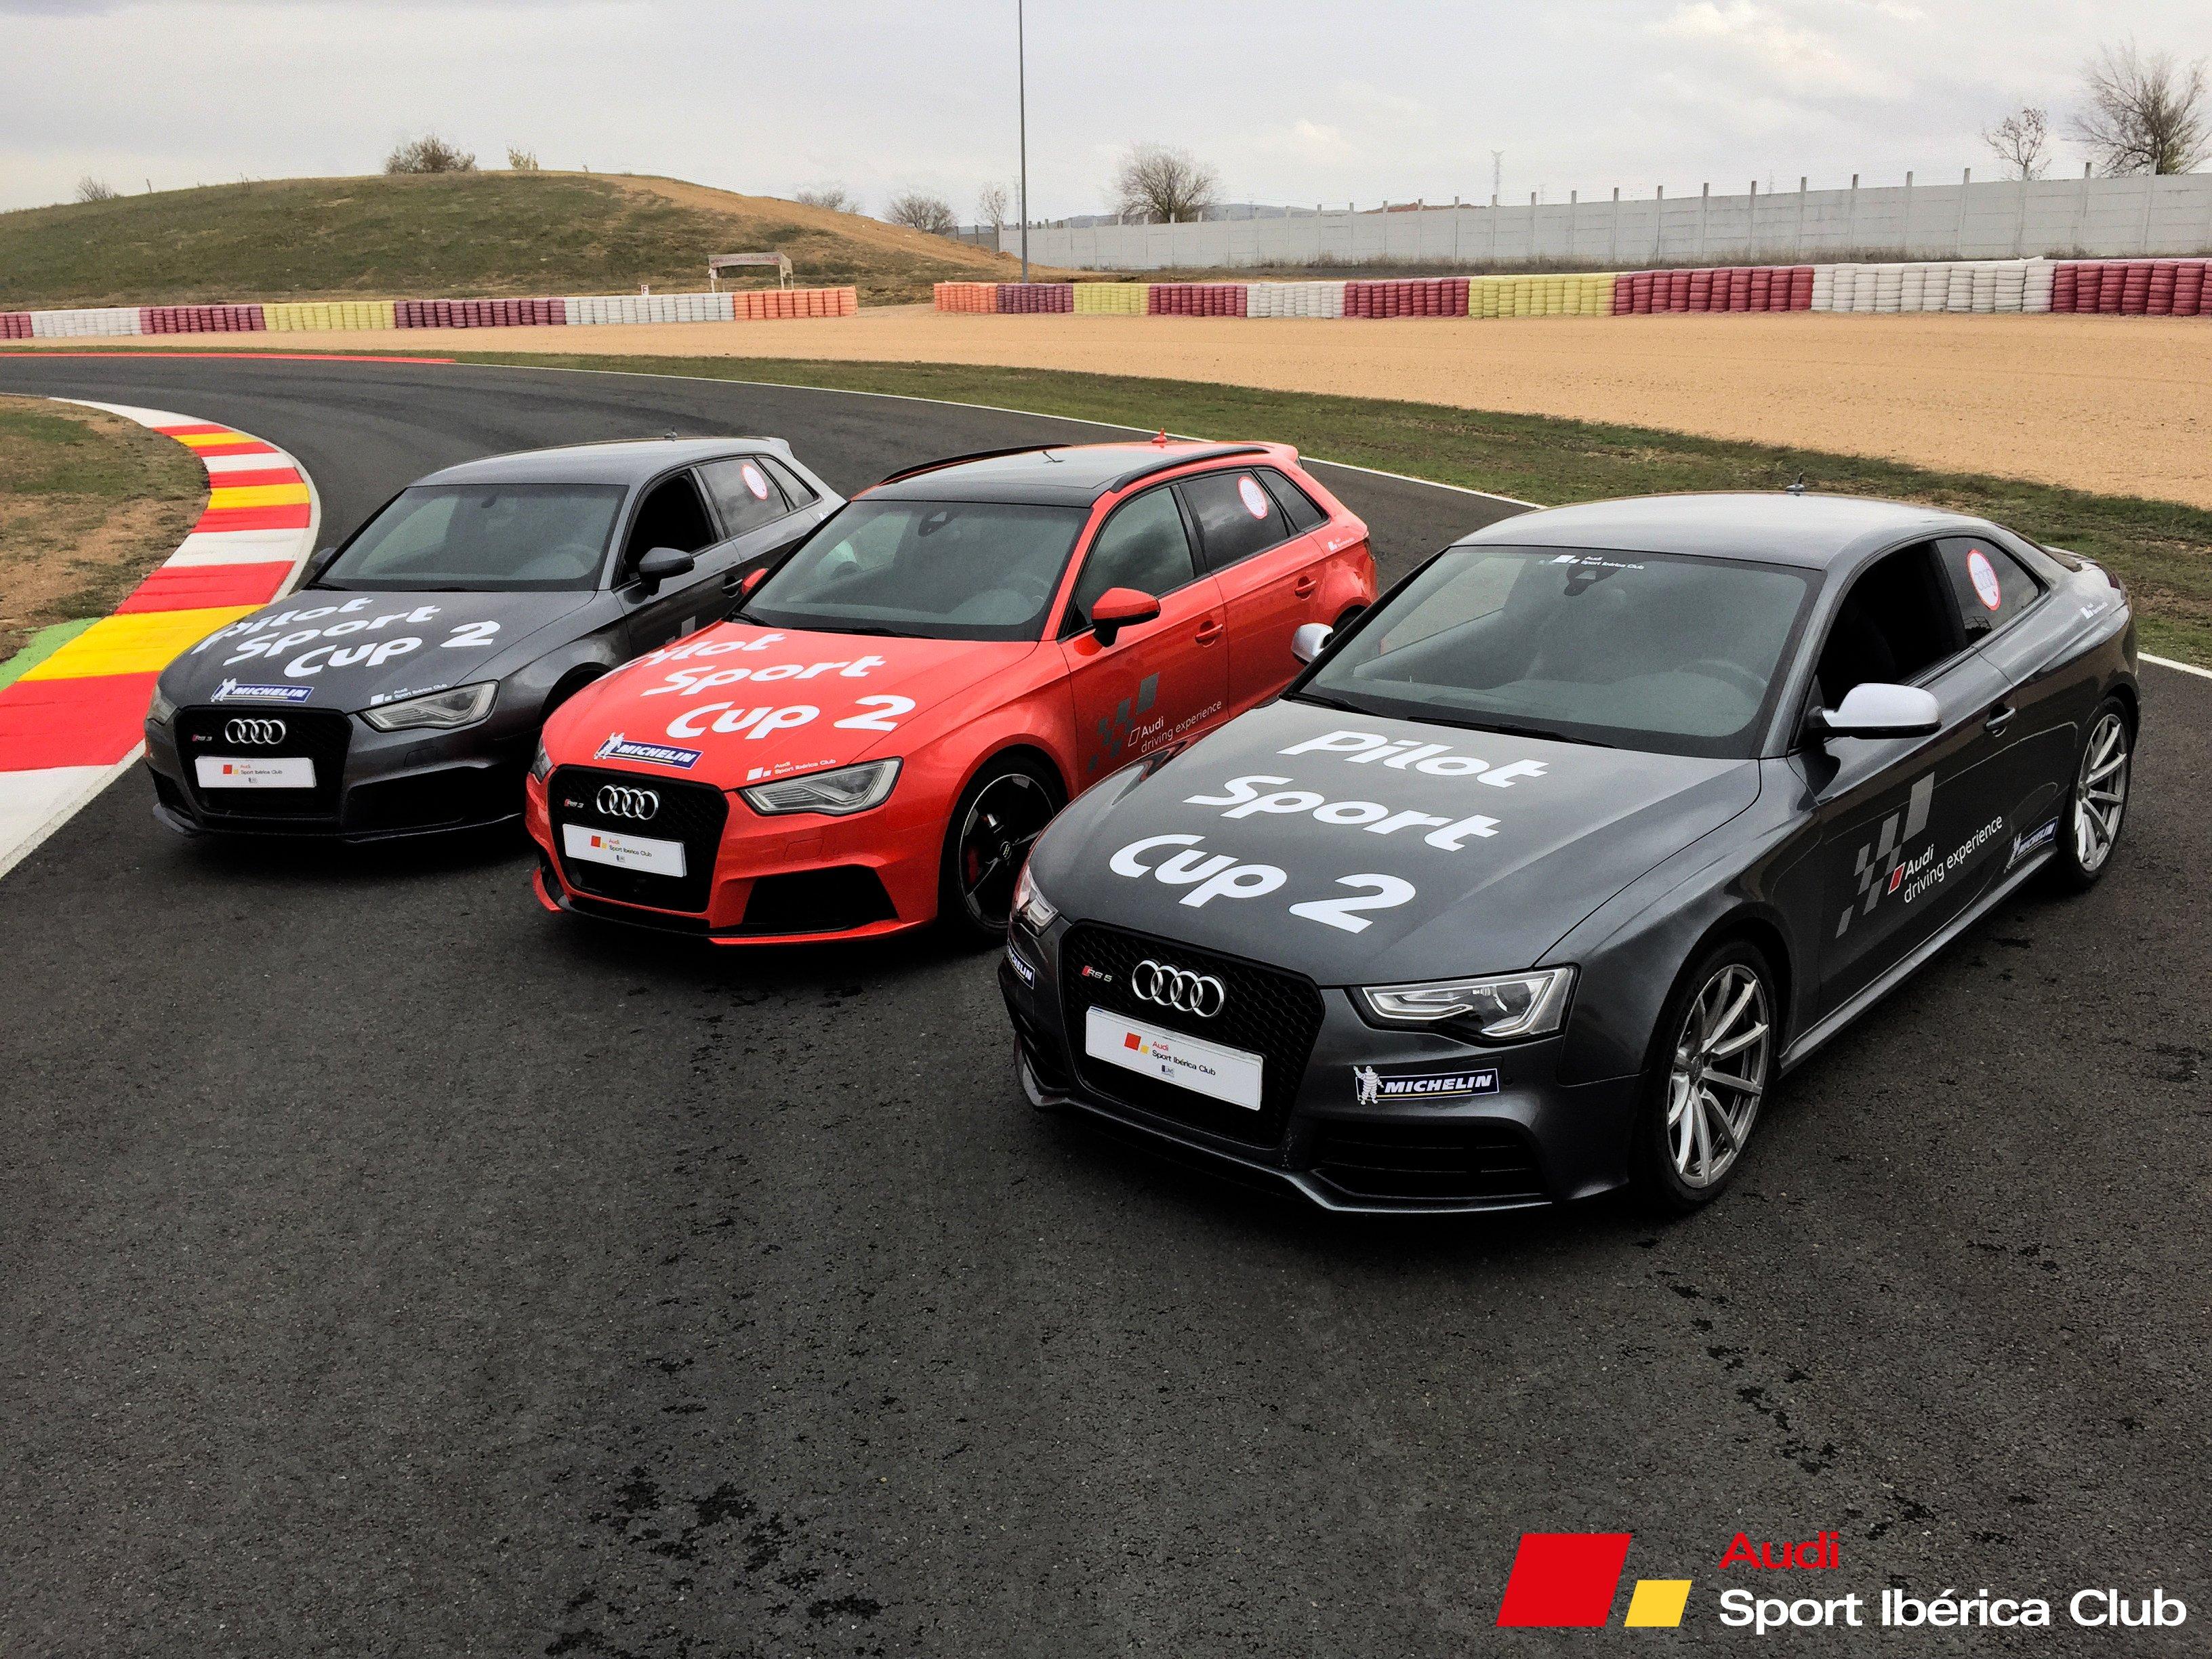 Concentración Nacional 2017 Audi RS5 Audi RS3 Quedada Audi